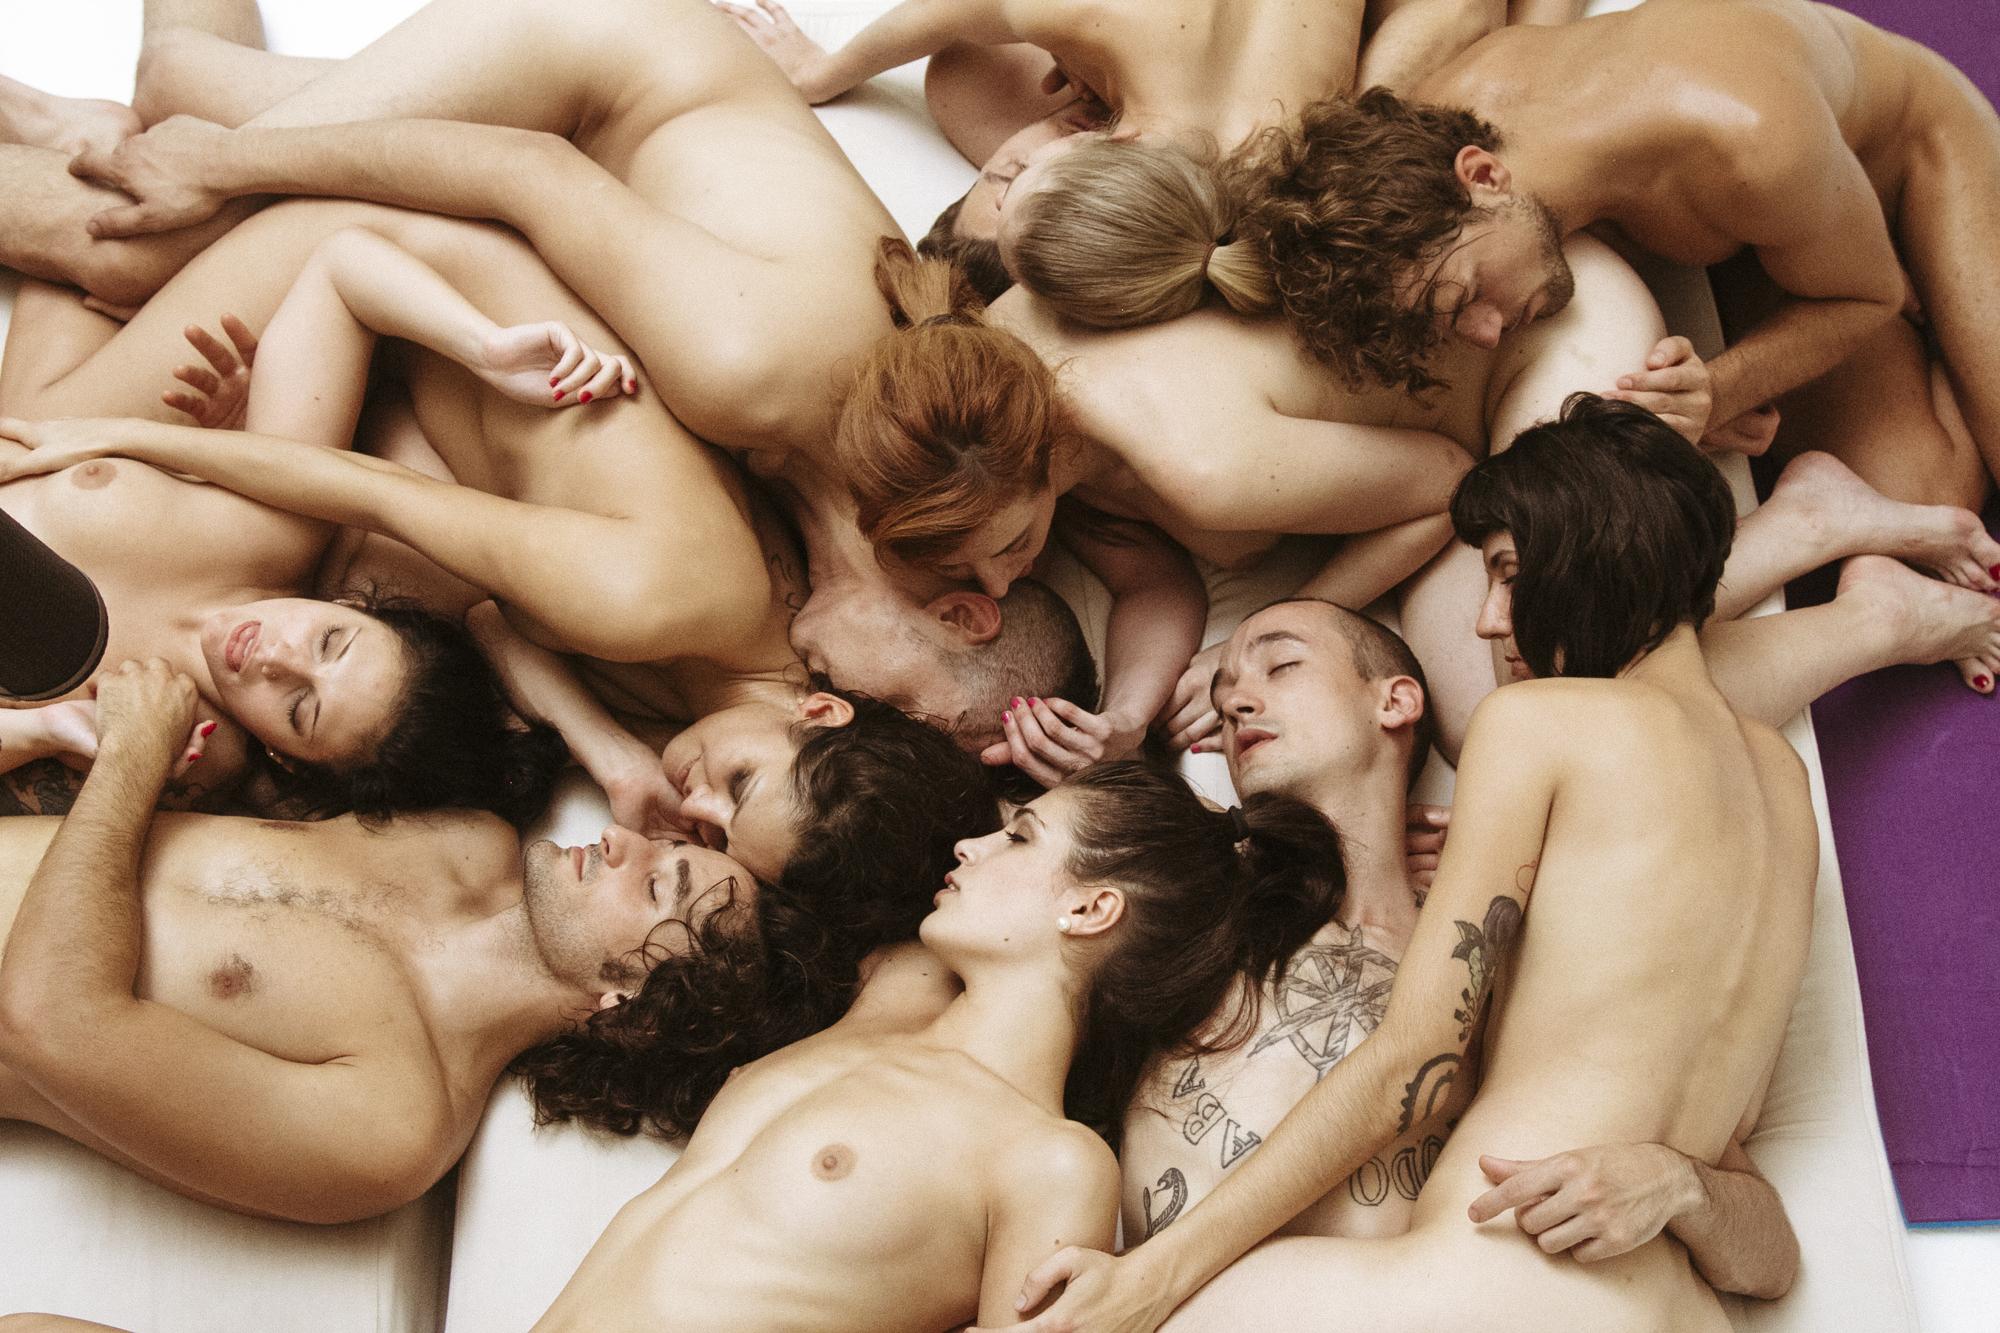 Lesben-Sex mit großen Brüsten